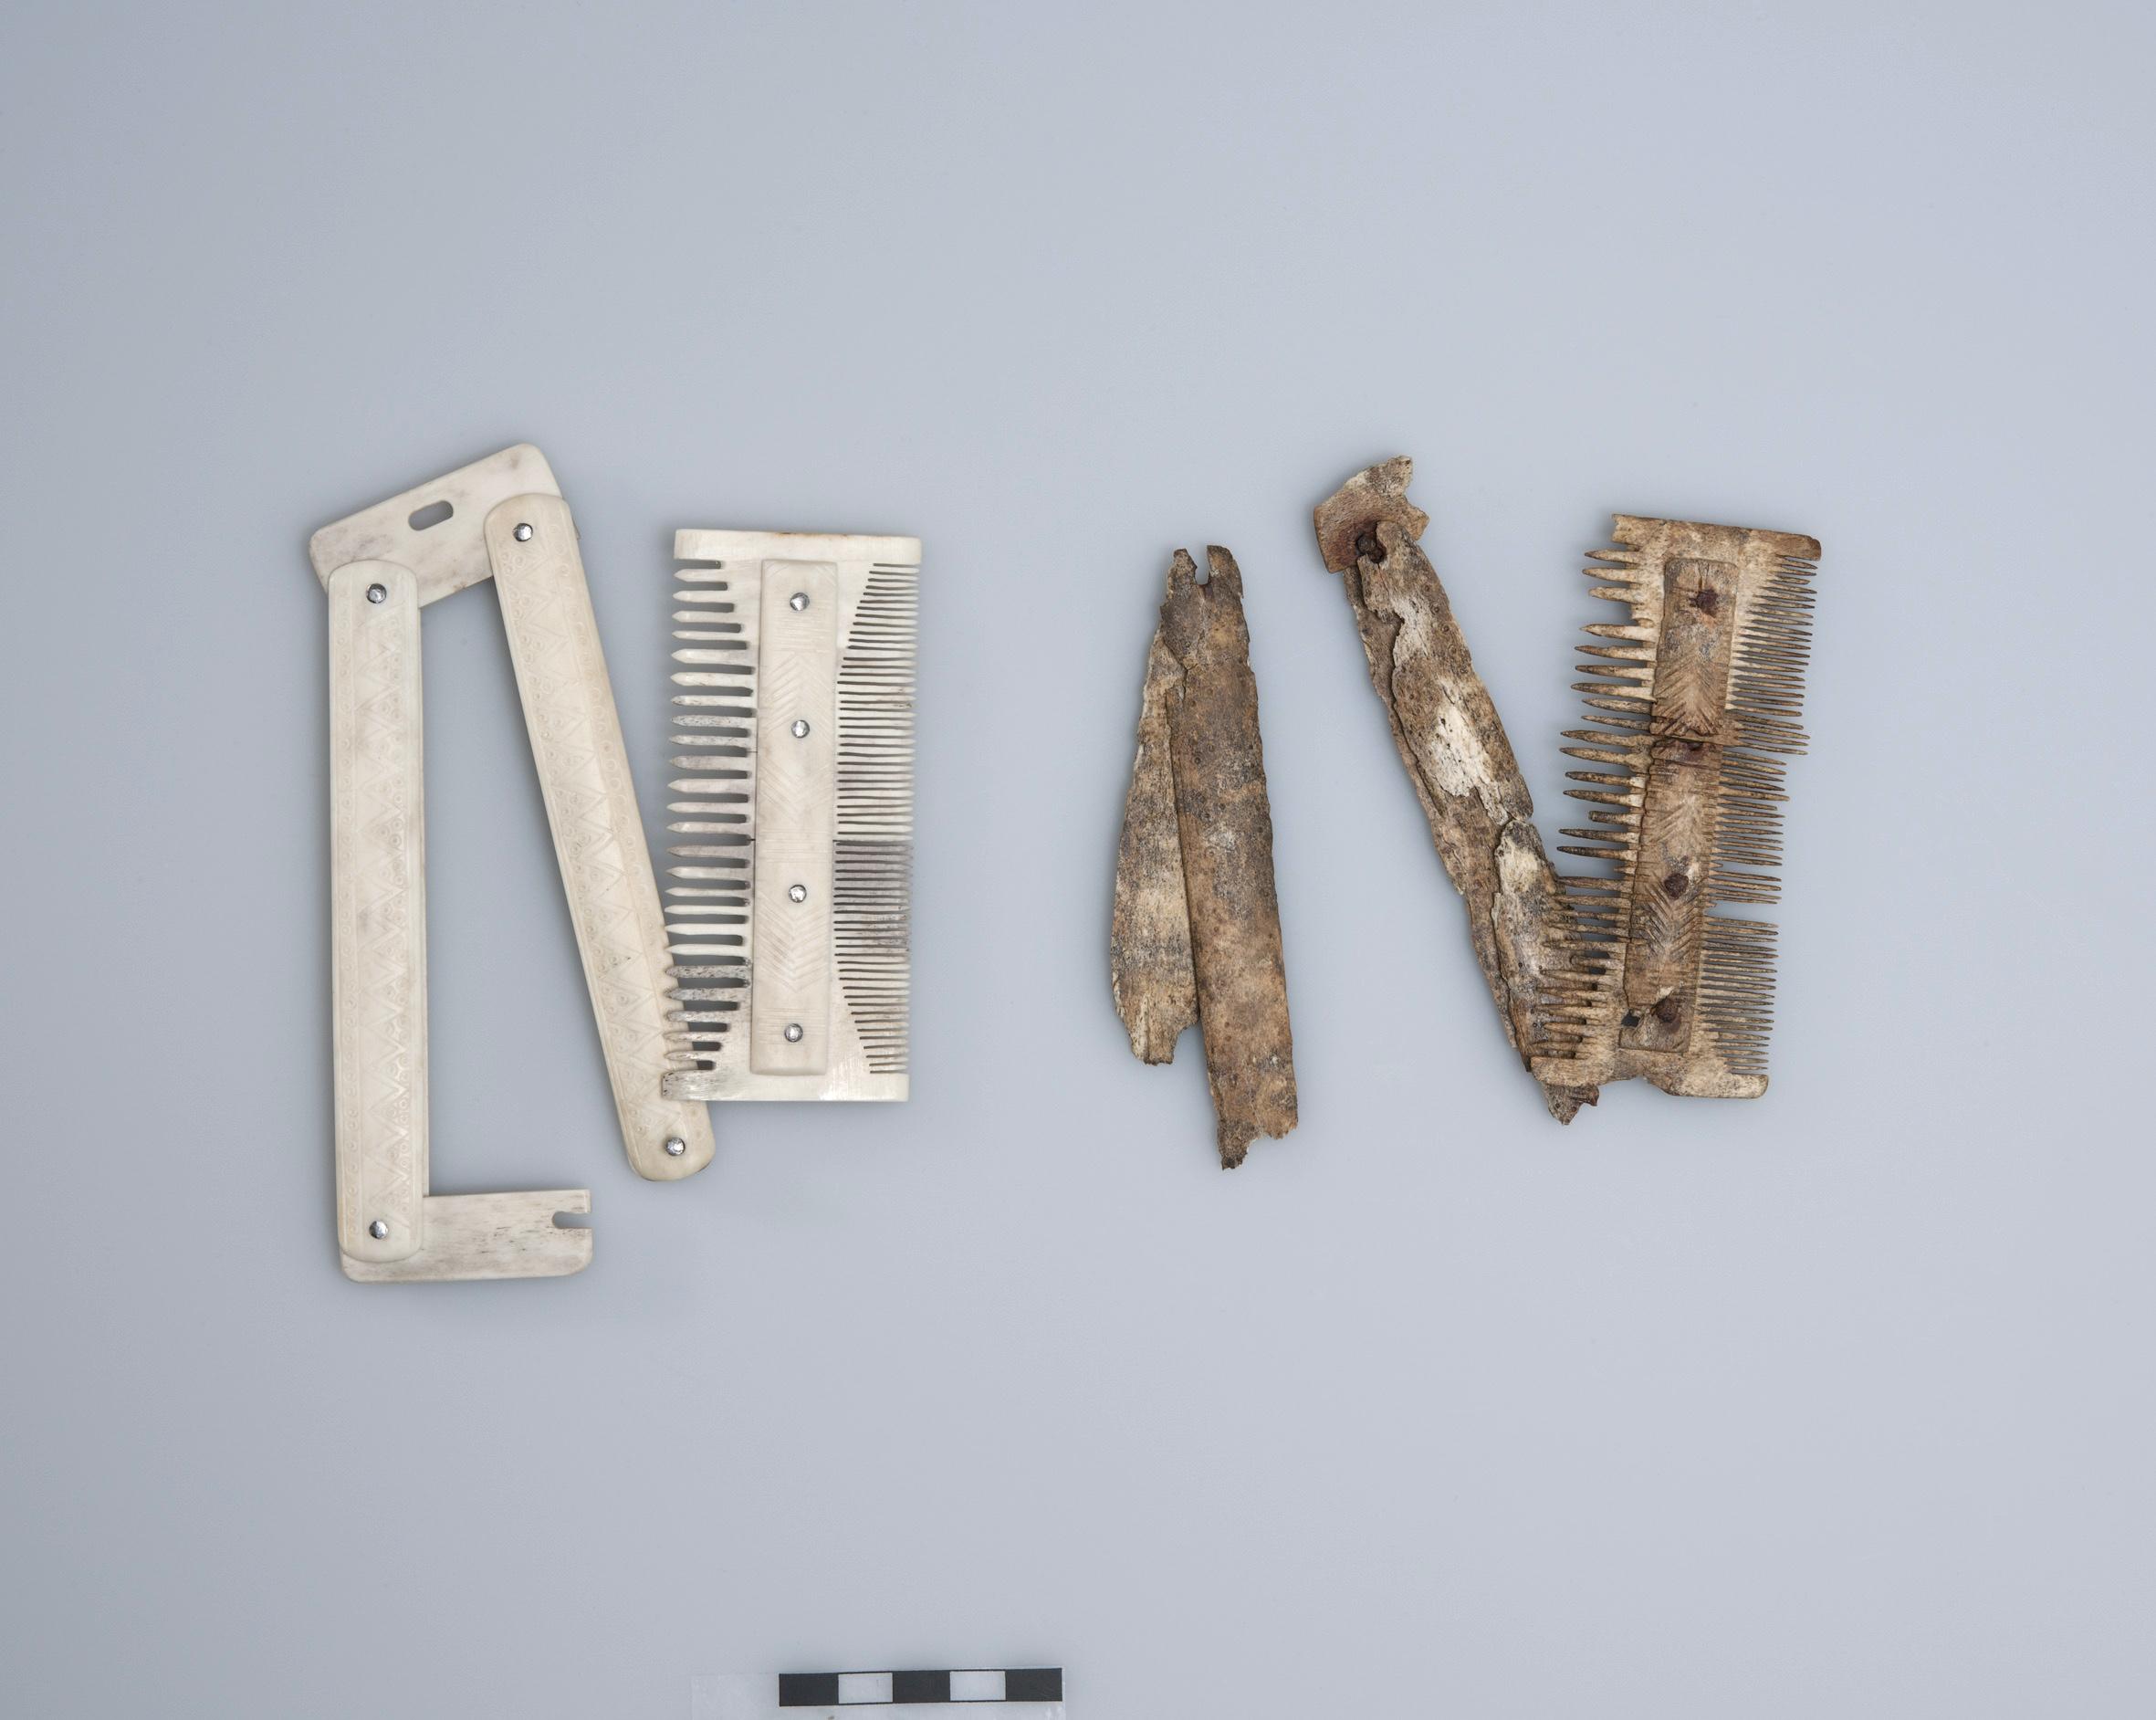 Die Alamannen trugen ihr Necessaire am Gürtel: Kamm aus Hirschgeweih, im Original und als Replik. Frühmittelalterliches Gräberfeld von Baar-Früebergstrasse, 7. Jahrhundert n. Chr.